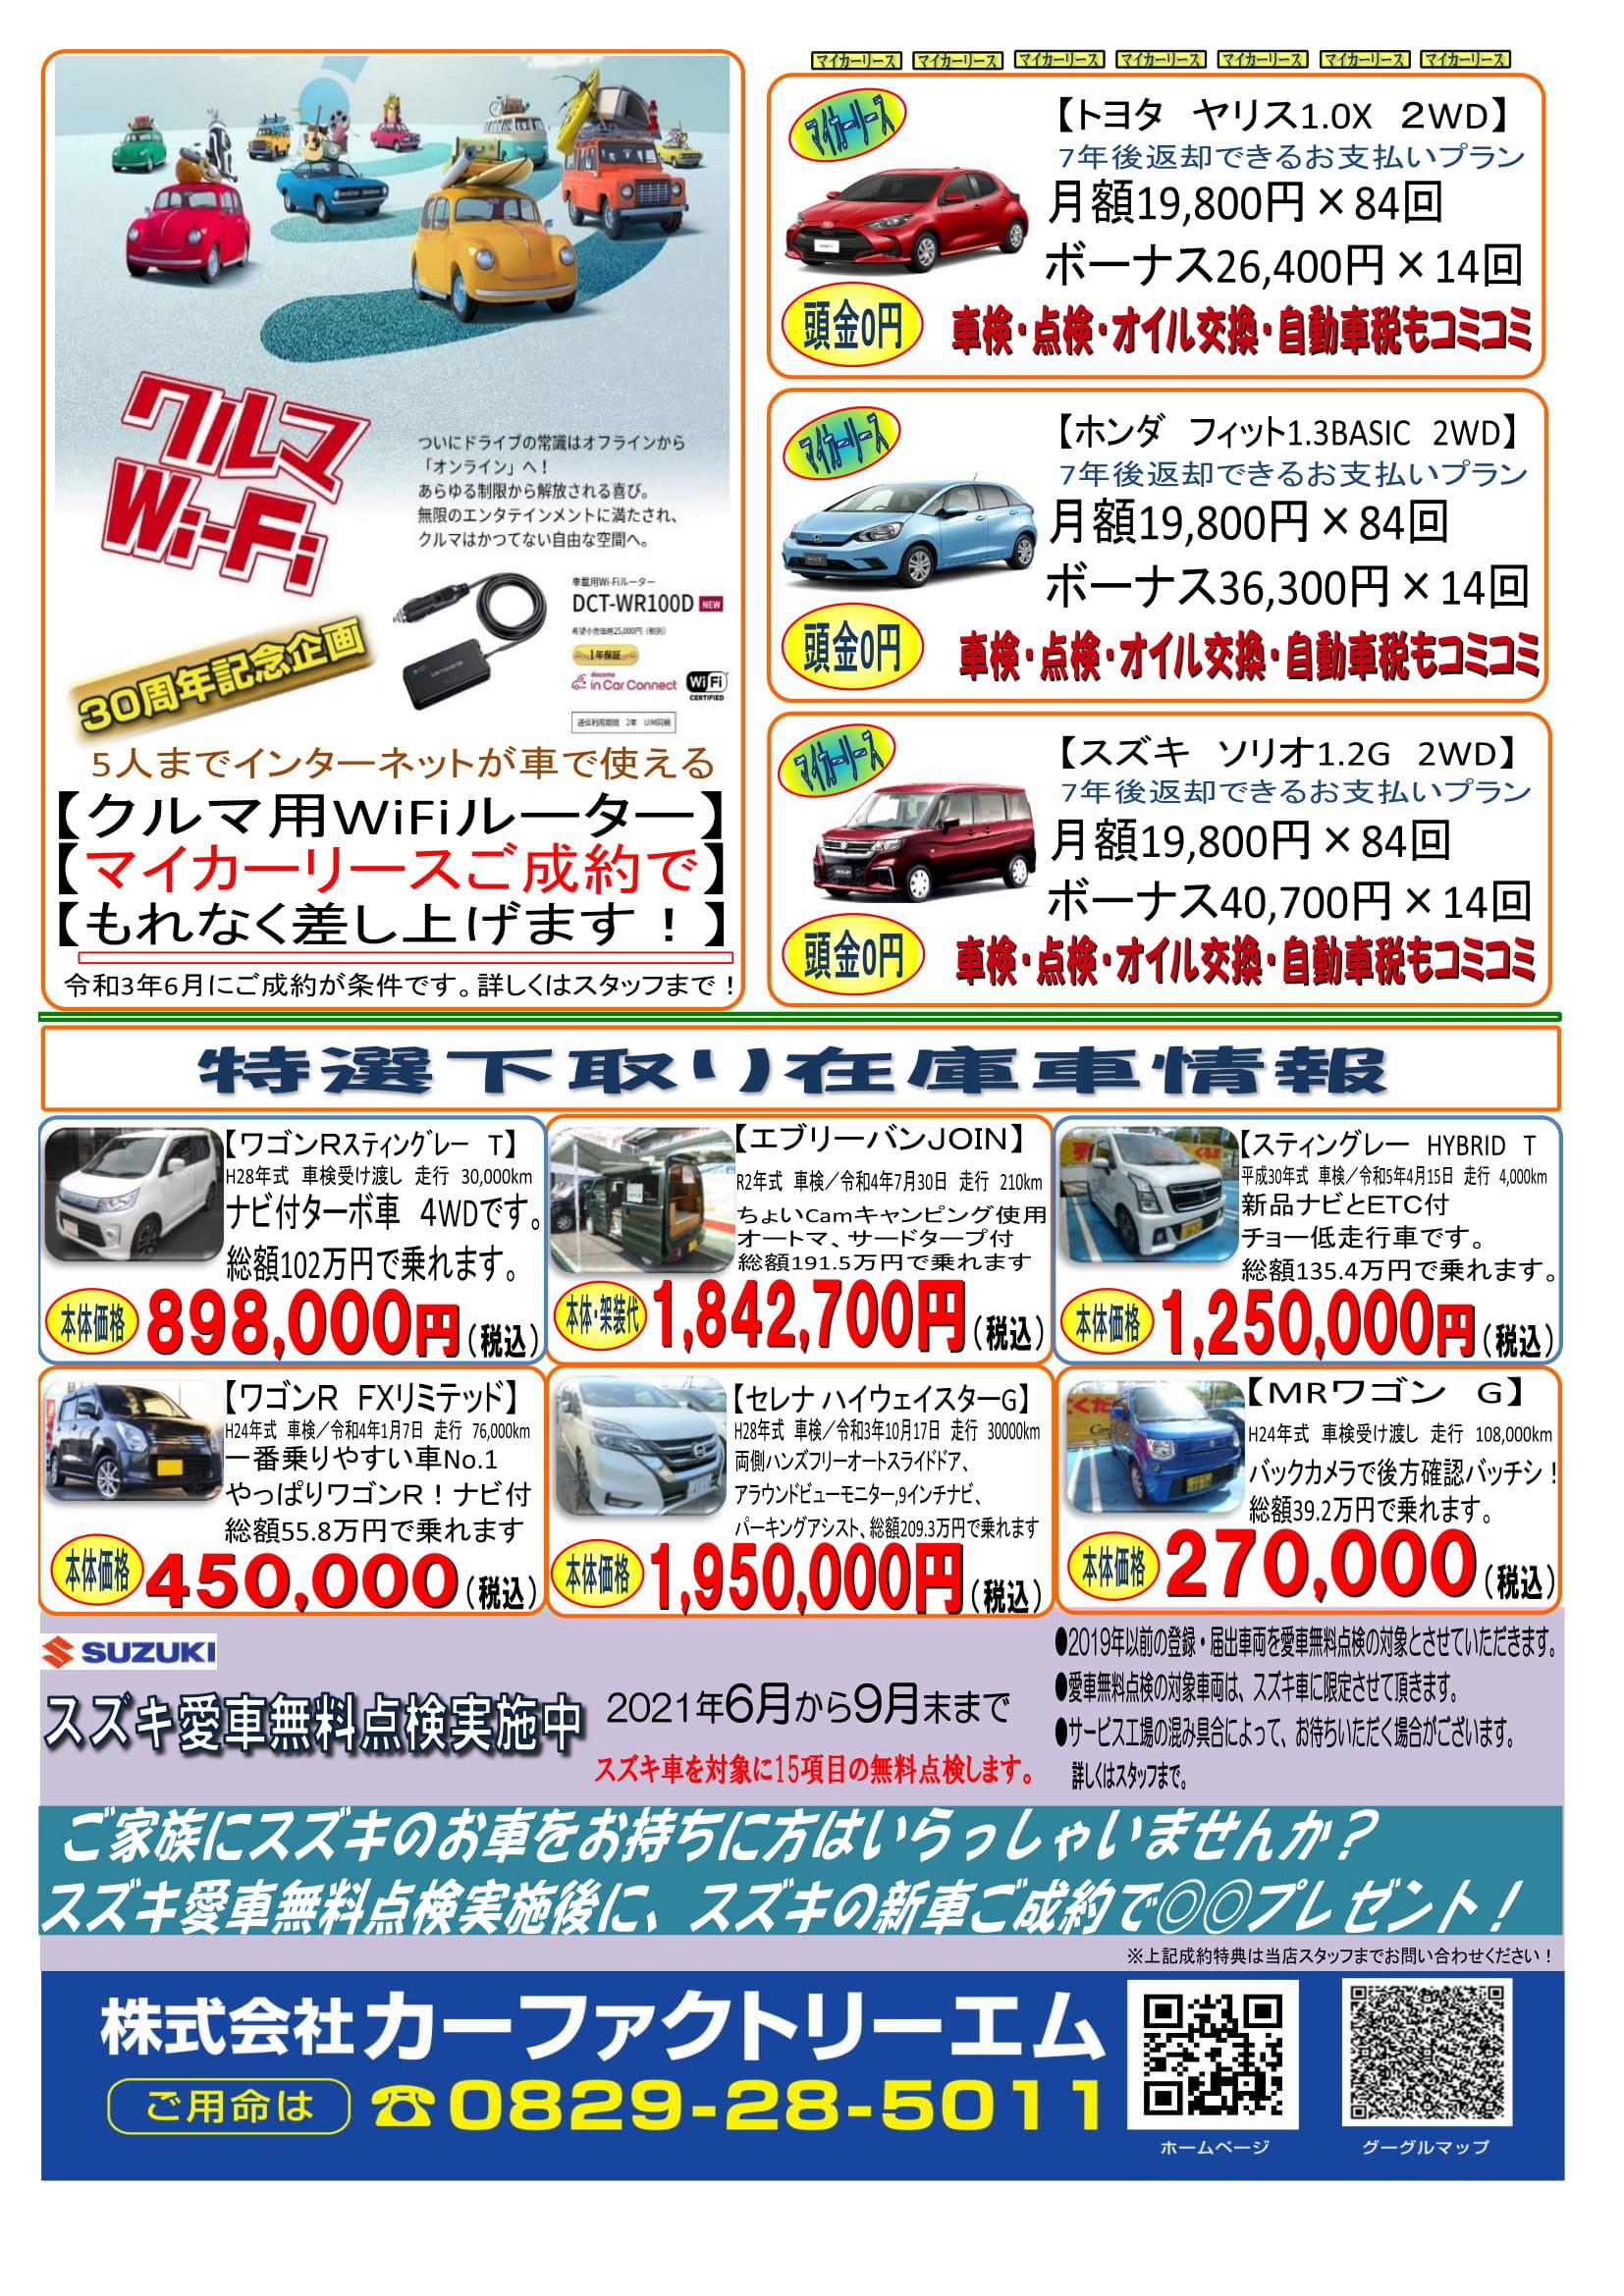 マッハ車検五日市石内バイパス店より マッハ通信6月号